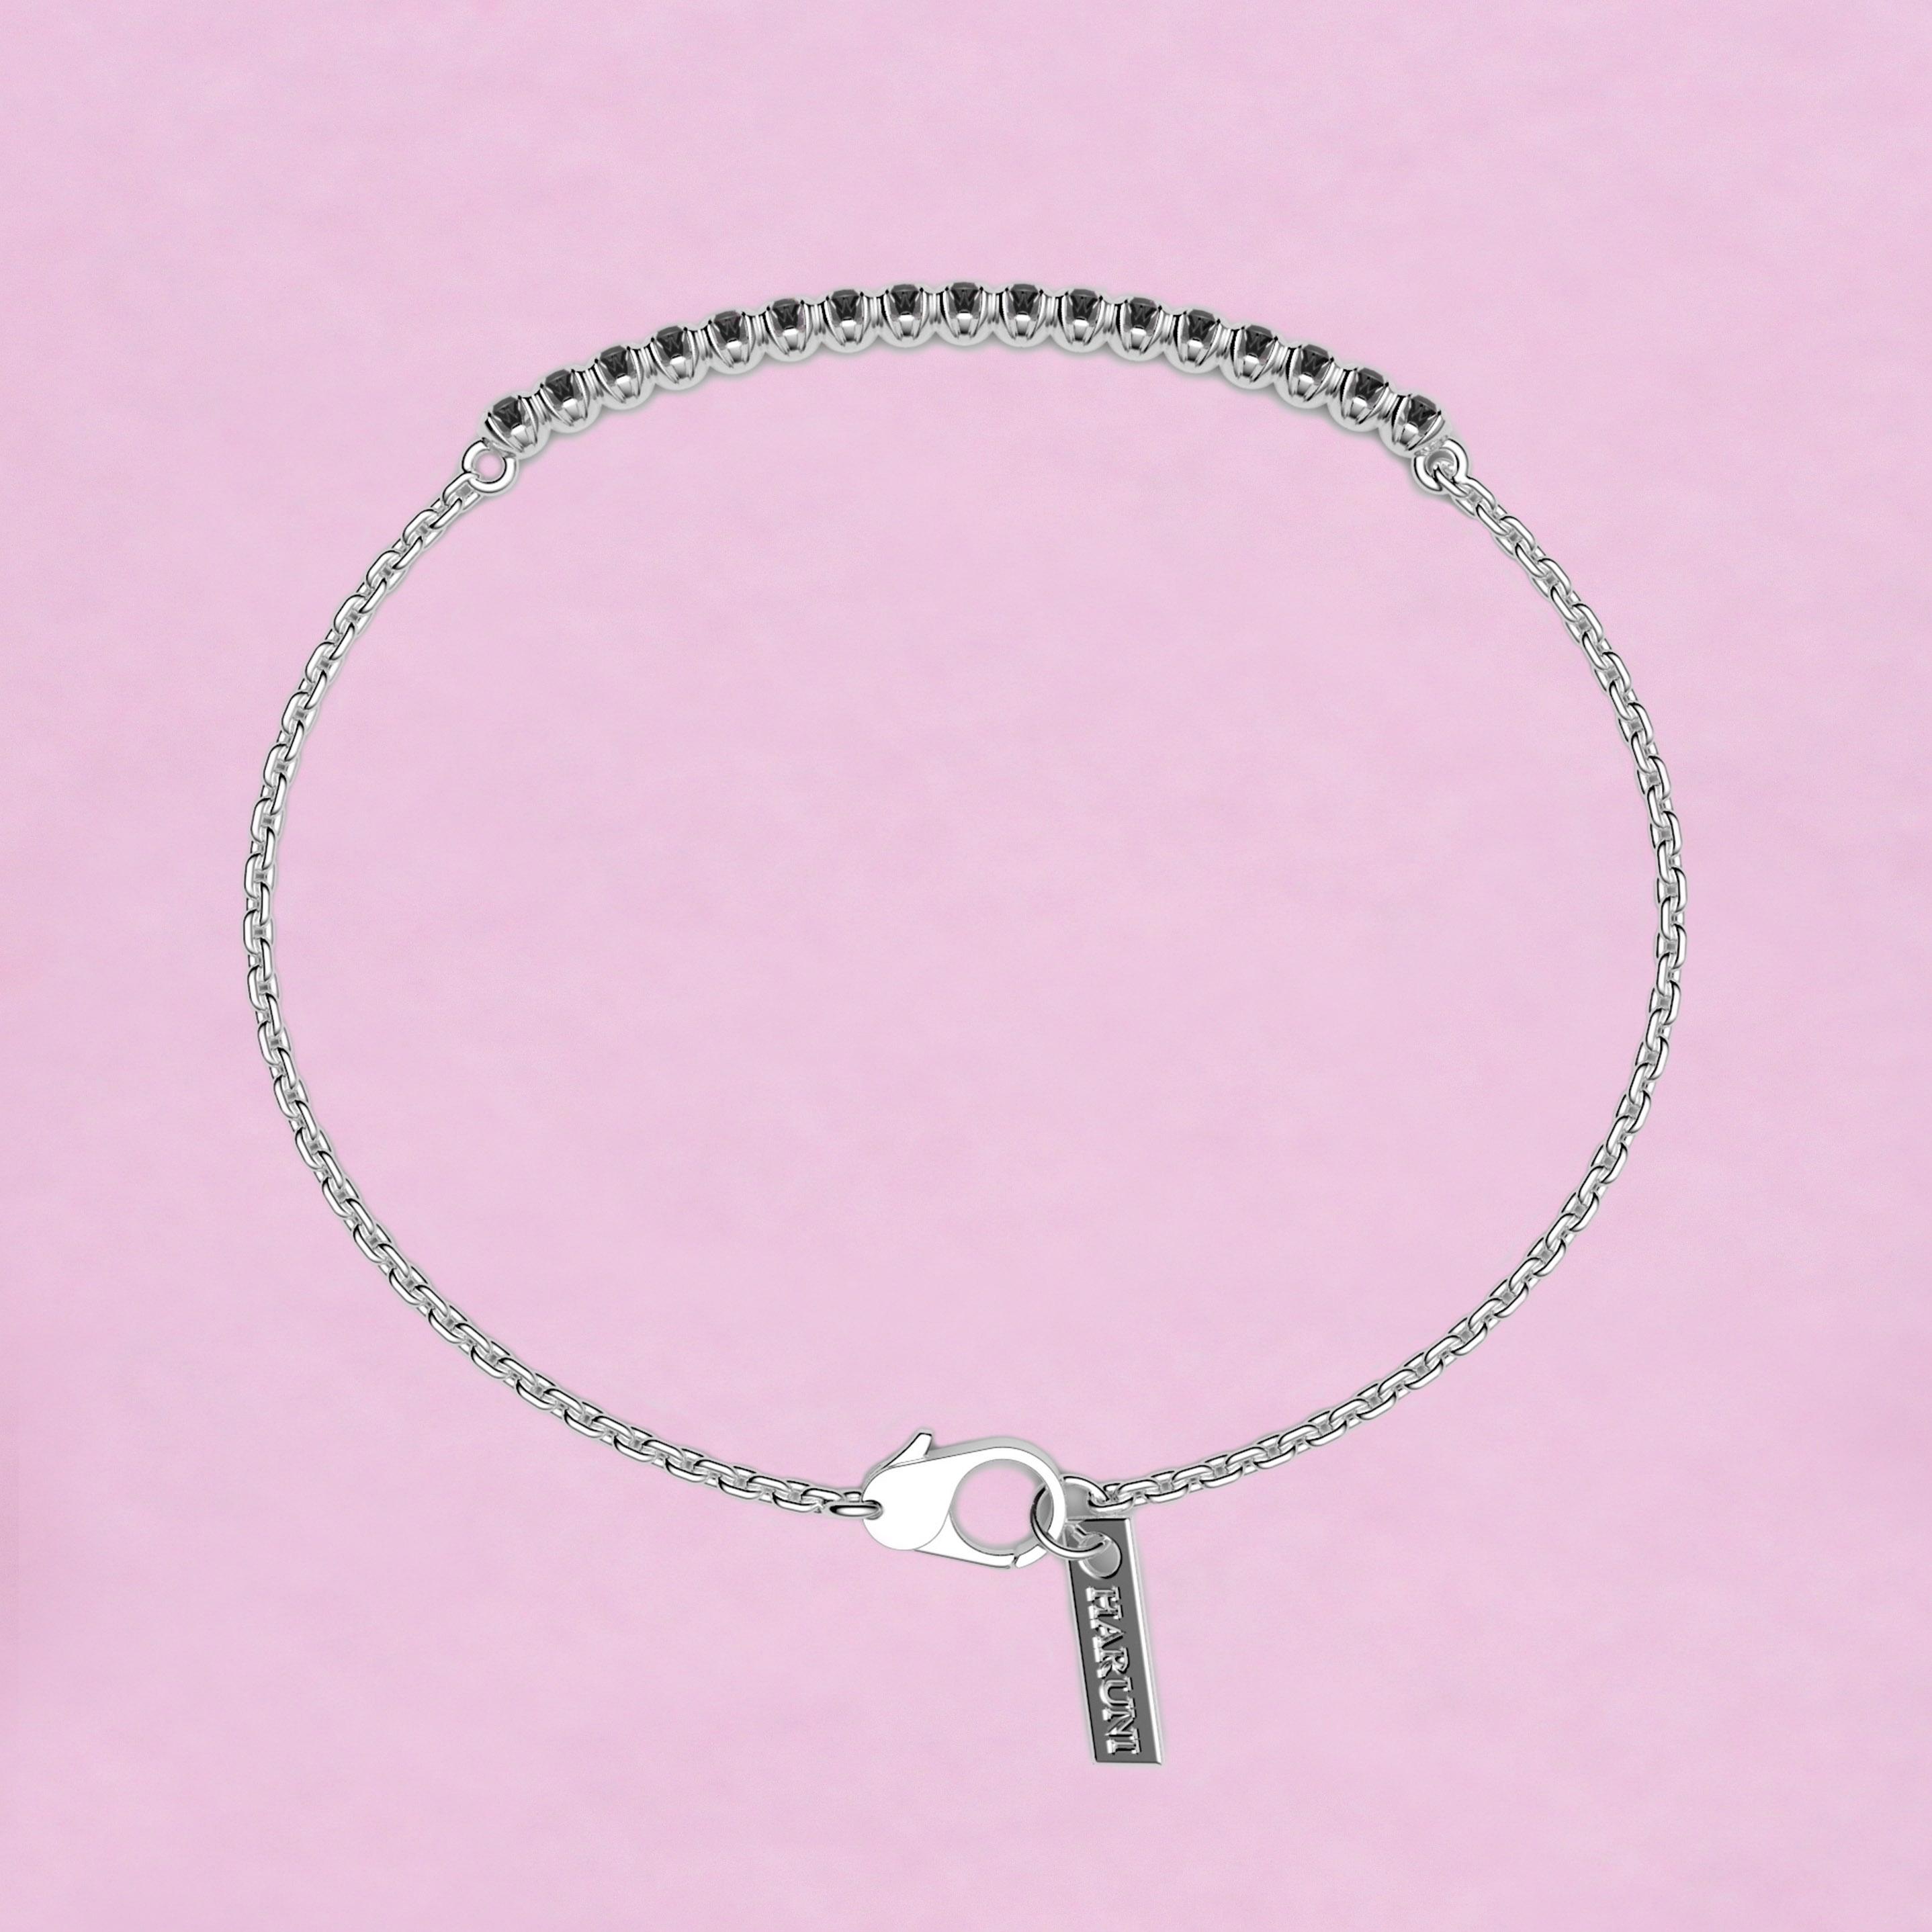 blossom bracelet – black diamond and 18k white gold